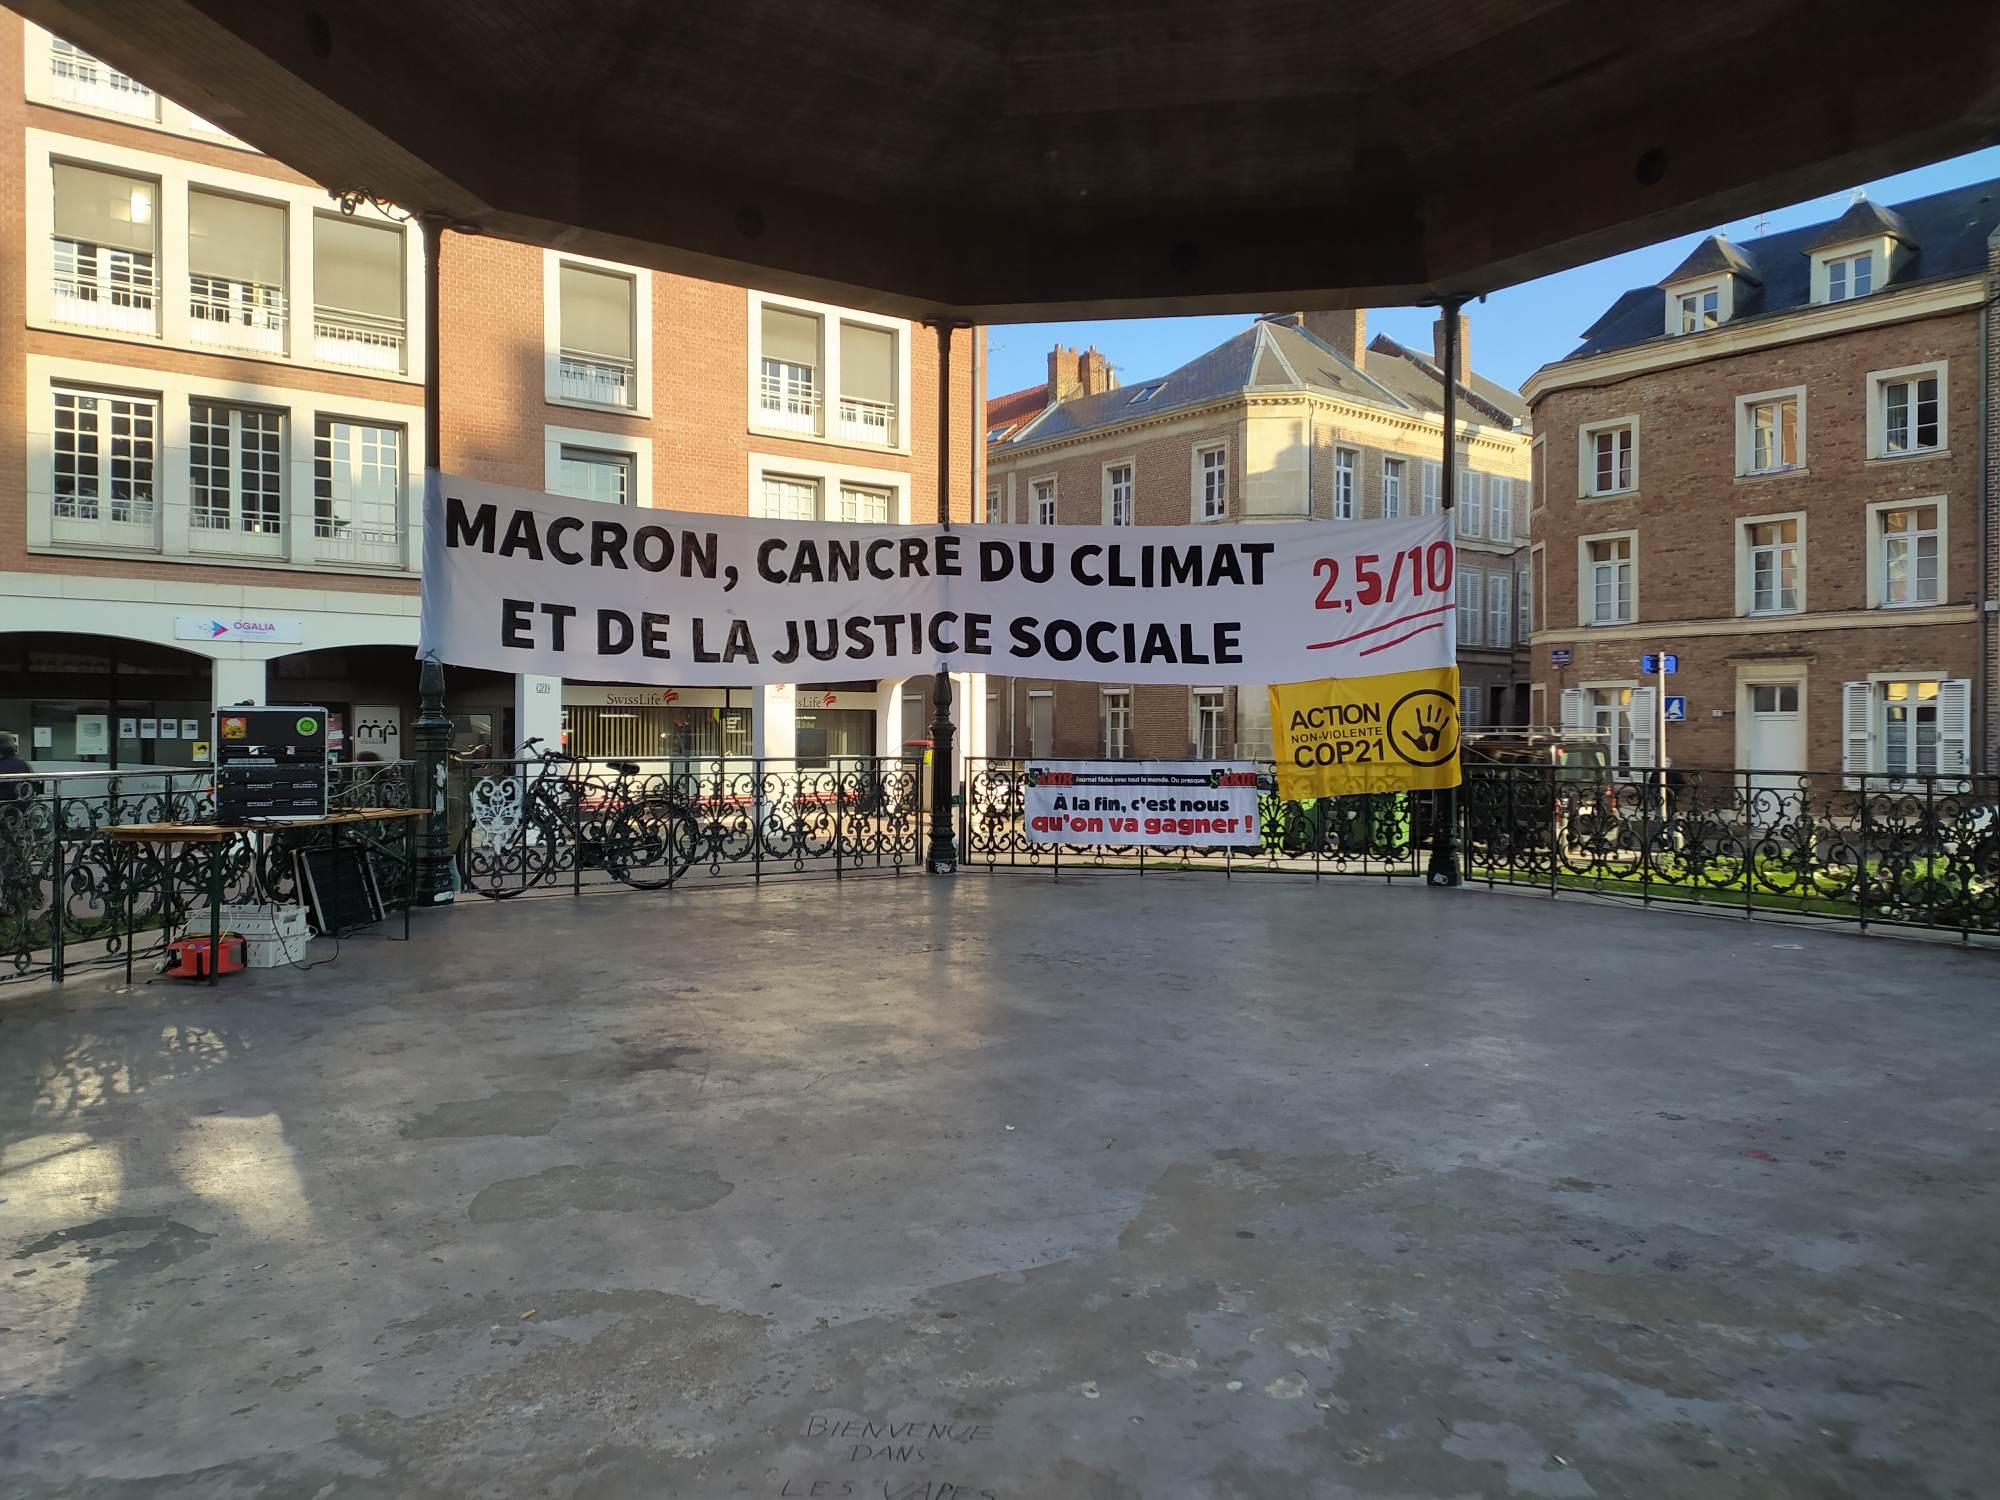 Rassemblement autour de l'activiste Gaspard Fontaine, jugé pour avoir décroché un portrait d'Emmanuel Macron